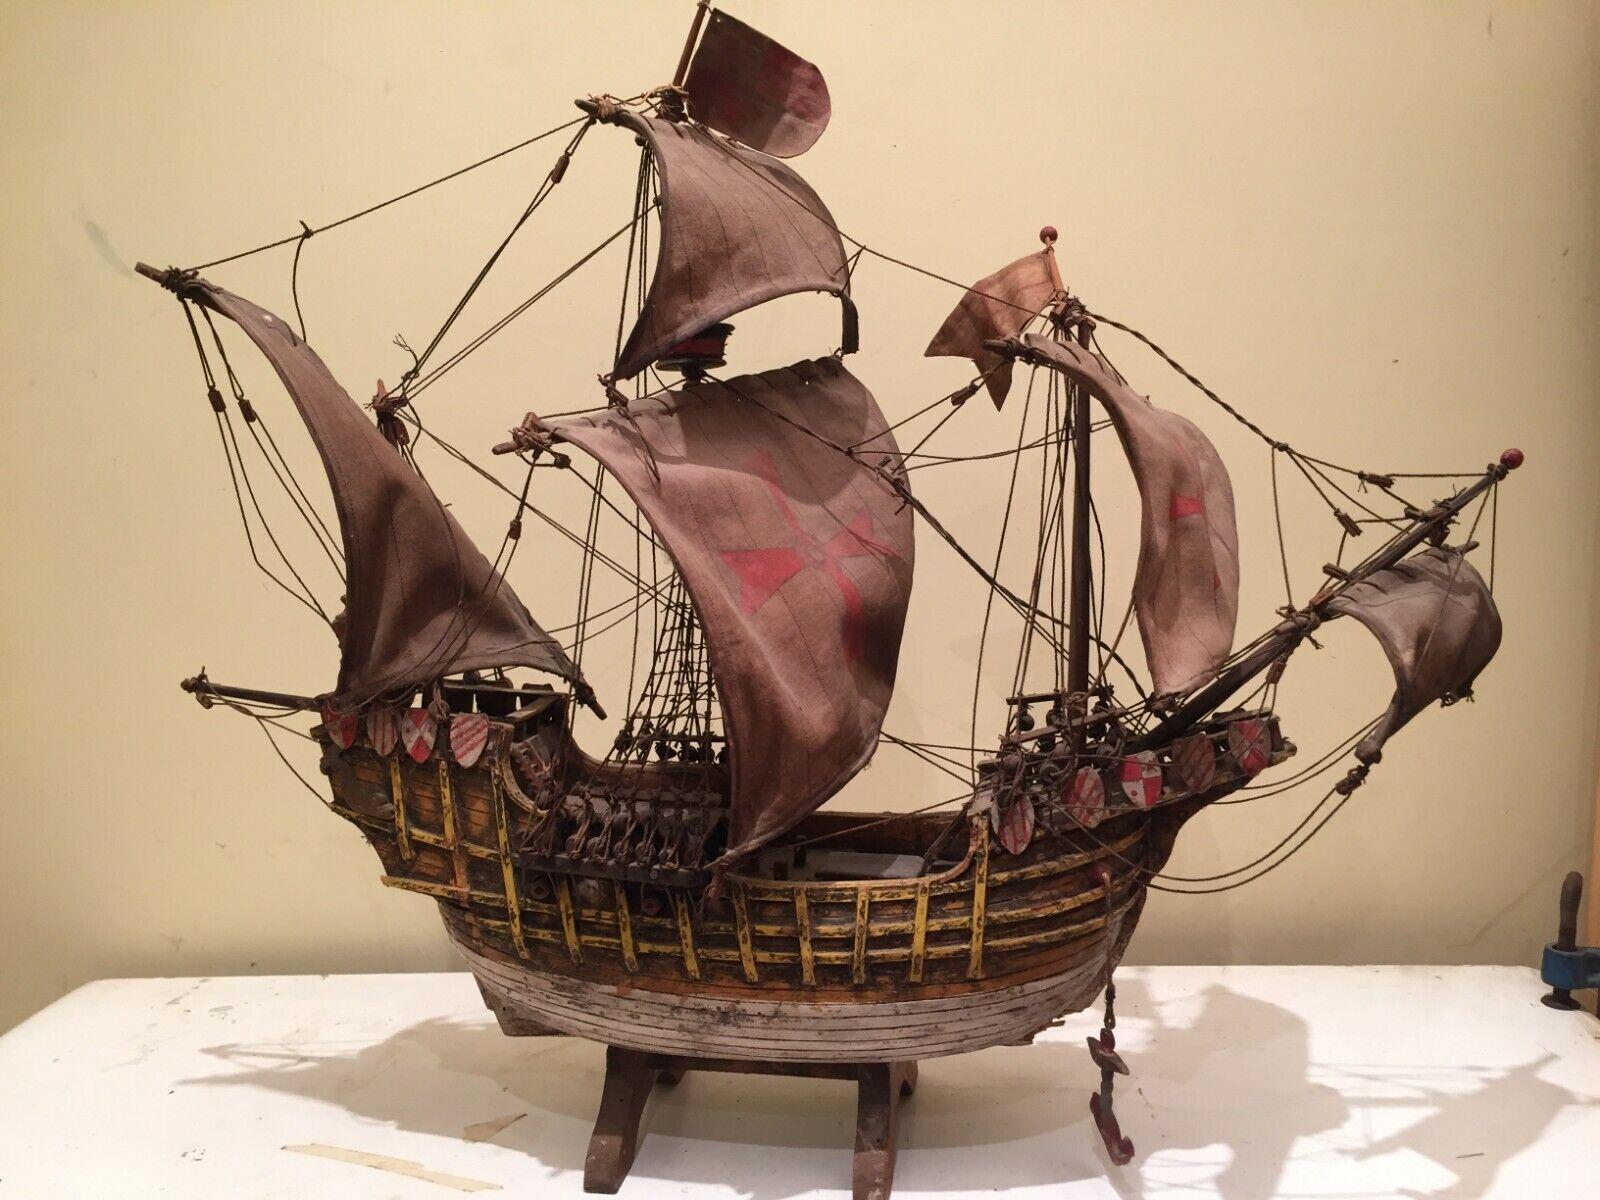 Modellismo navale in legno riproduzione riproduzione Santa Maria fine 19 secolo